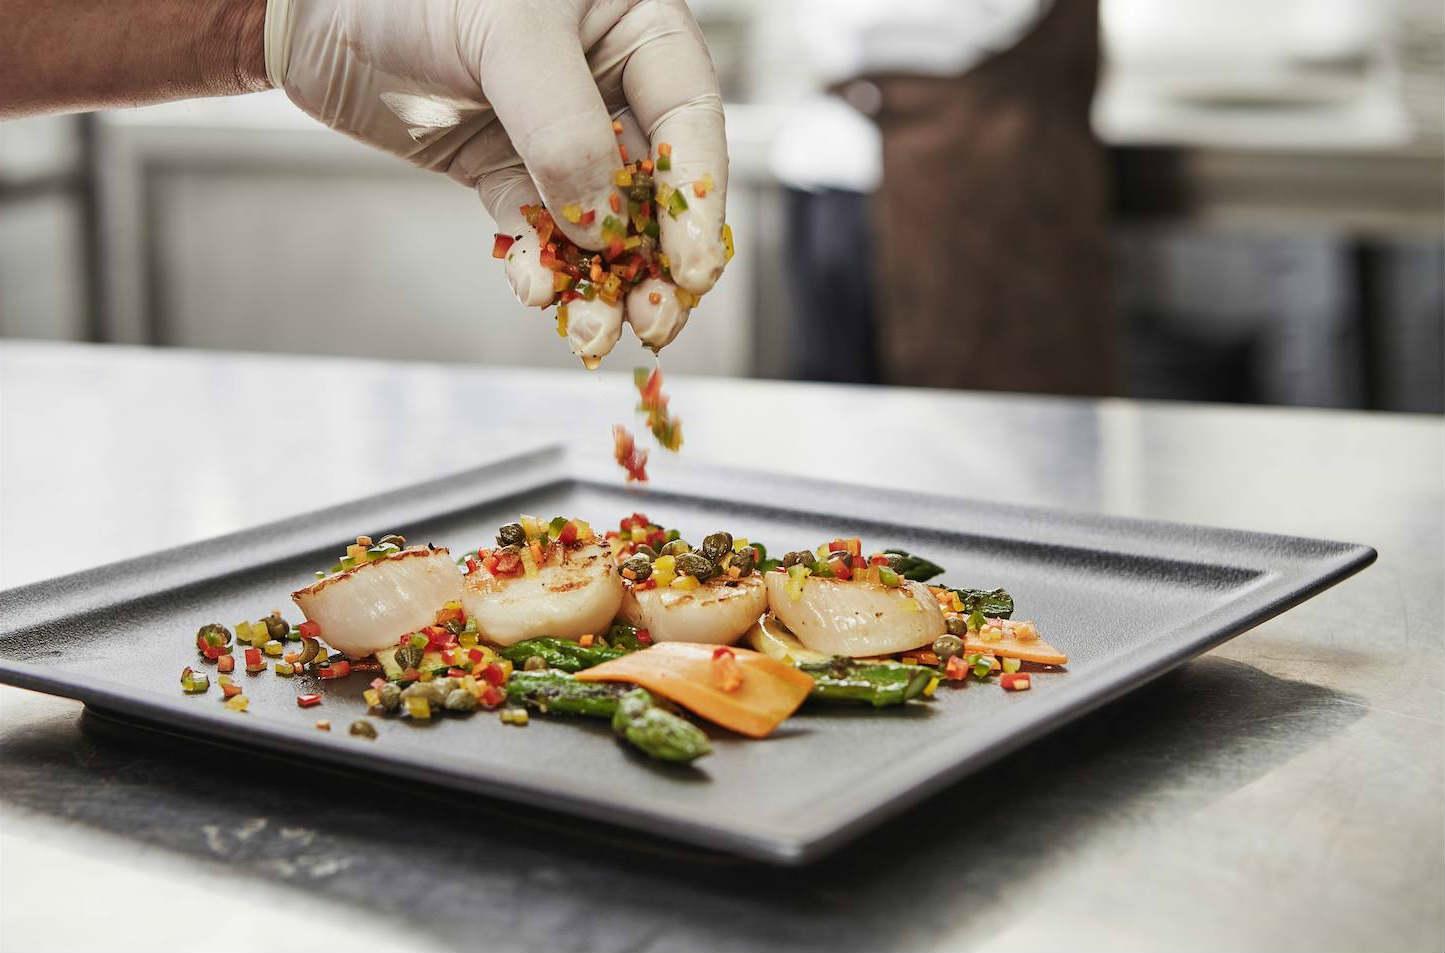 Les meilleurs restaurants italiens de paris paris select for Les meilleurs cuisinistes italiens